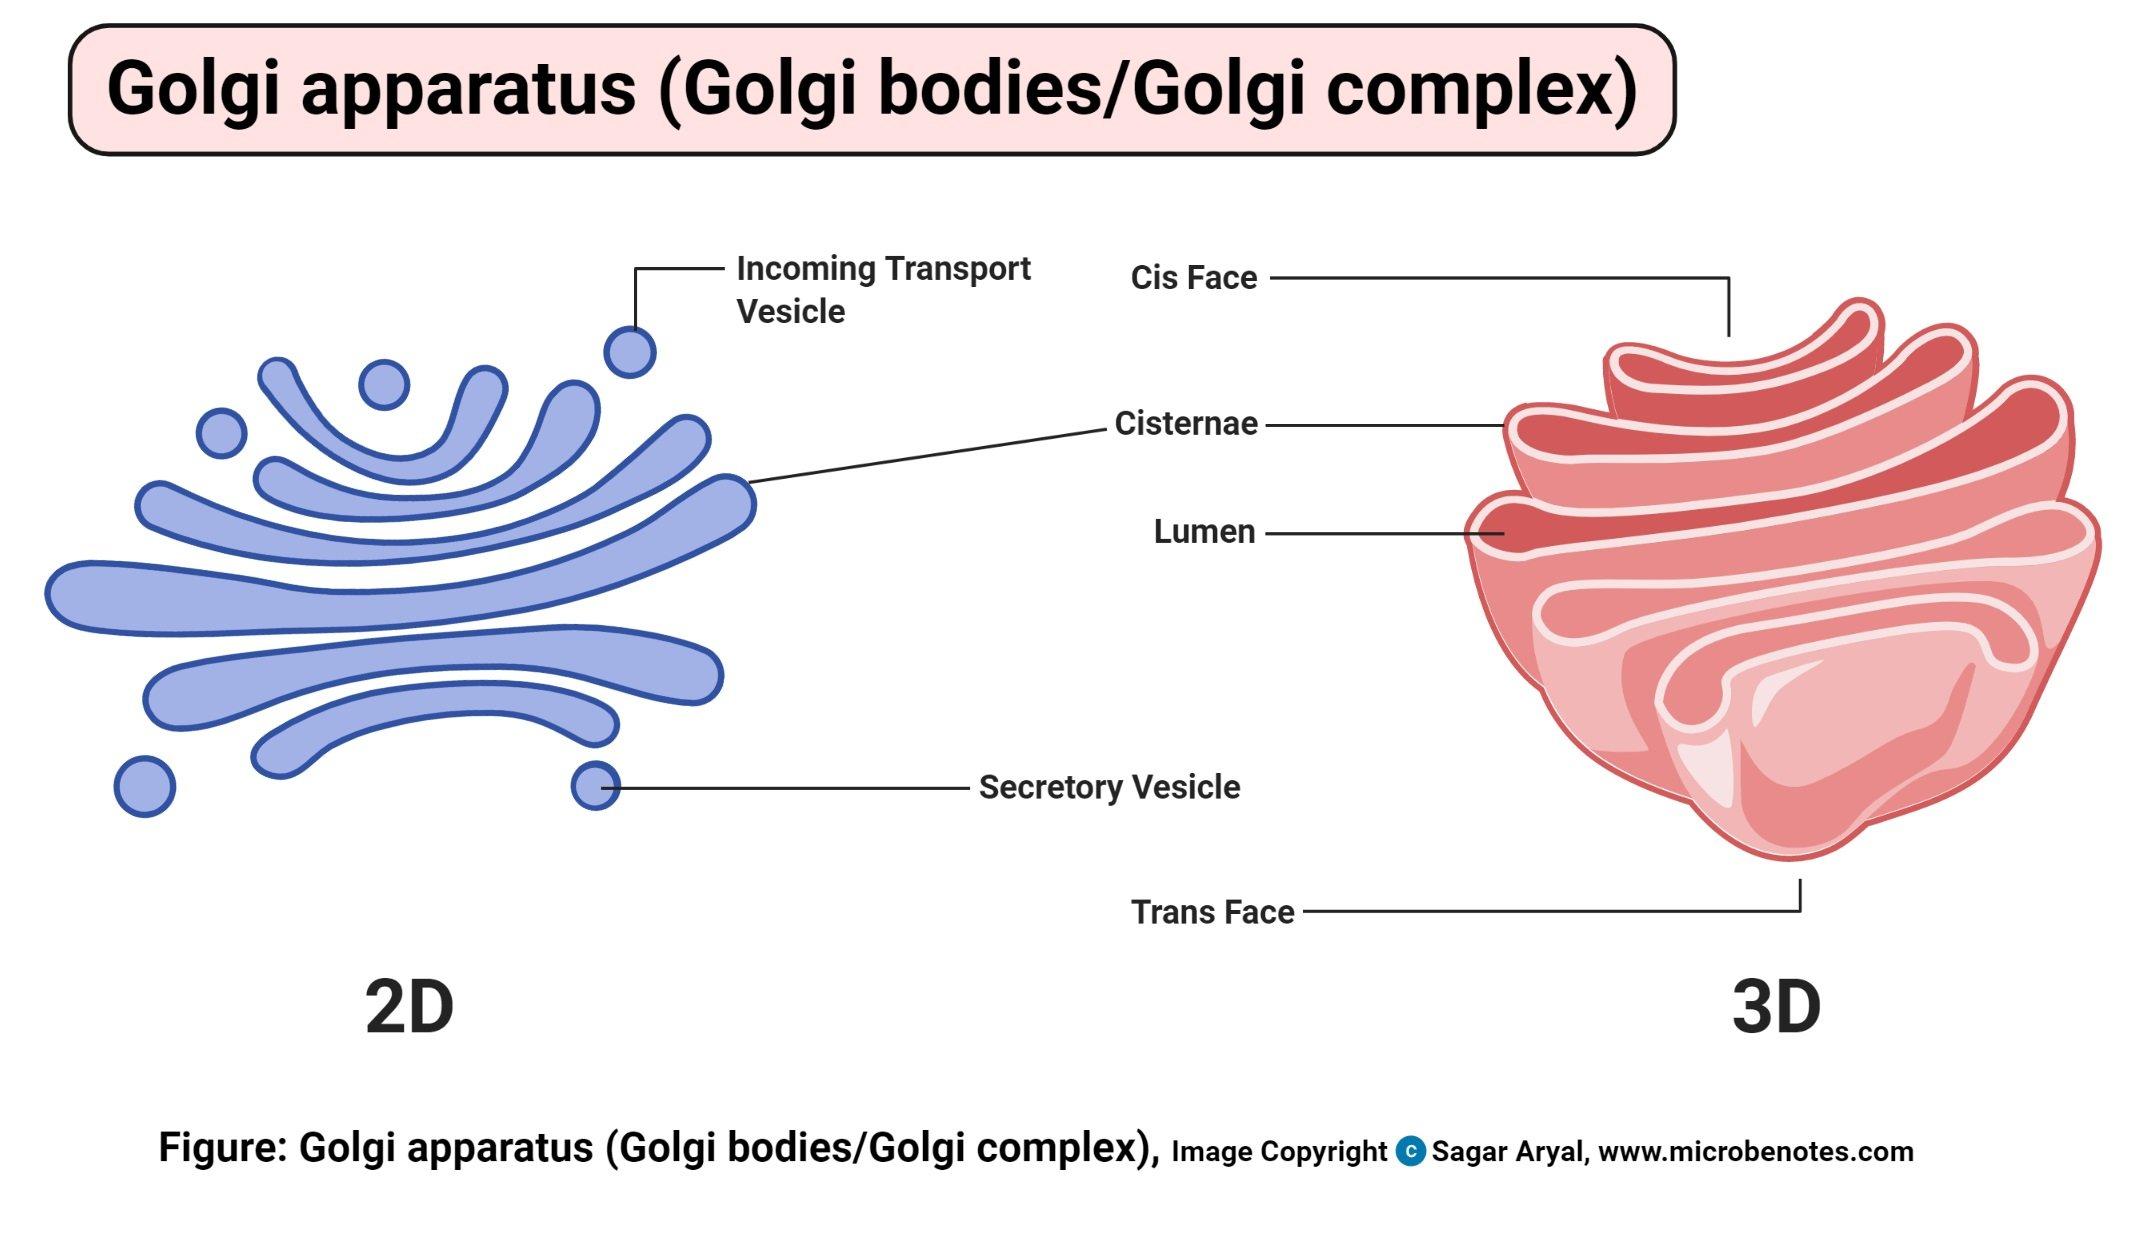 Golgi apparatus (Golgi bodies or Golgi complex) Diagram